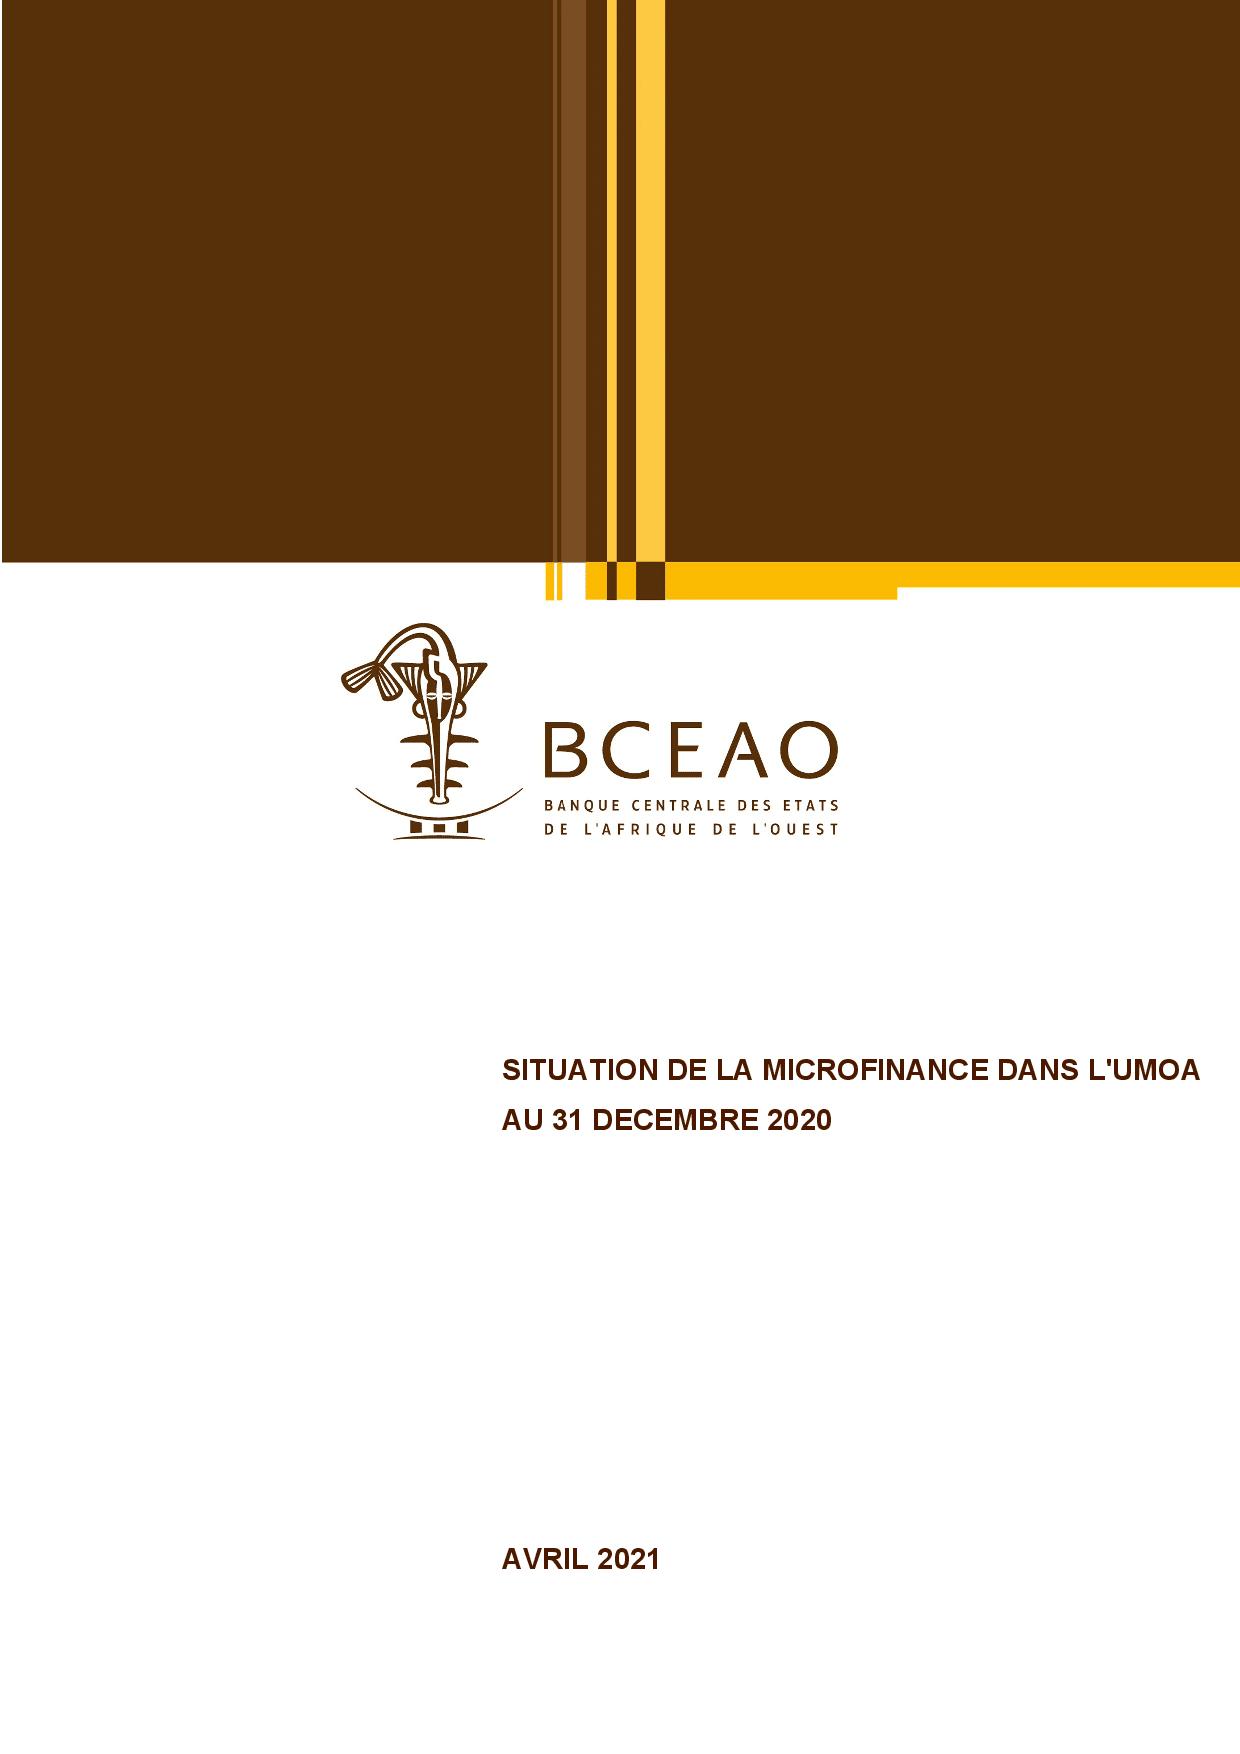 Situation de la microfinance dans l'UMOA au 31 décembre 2020